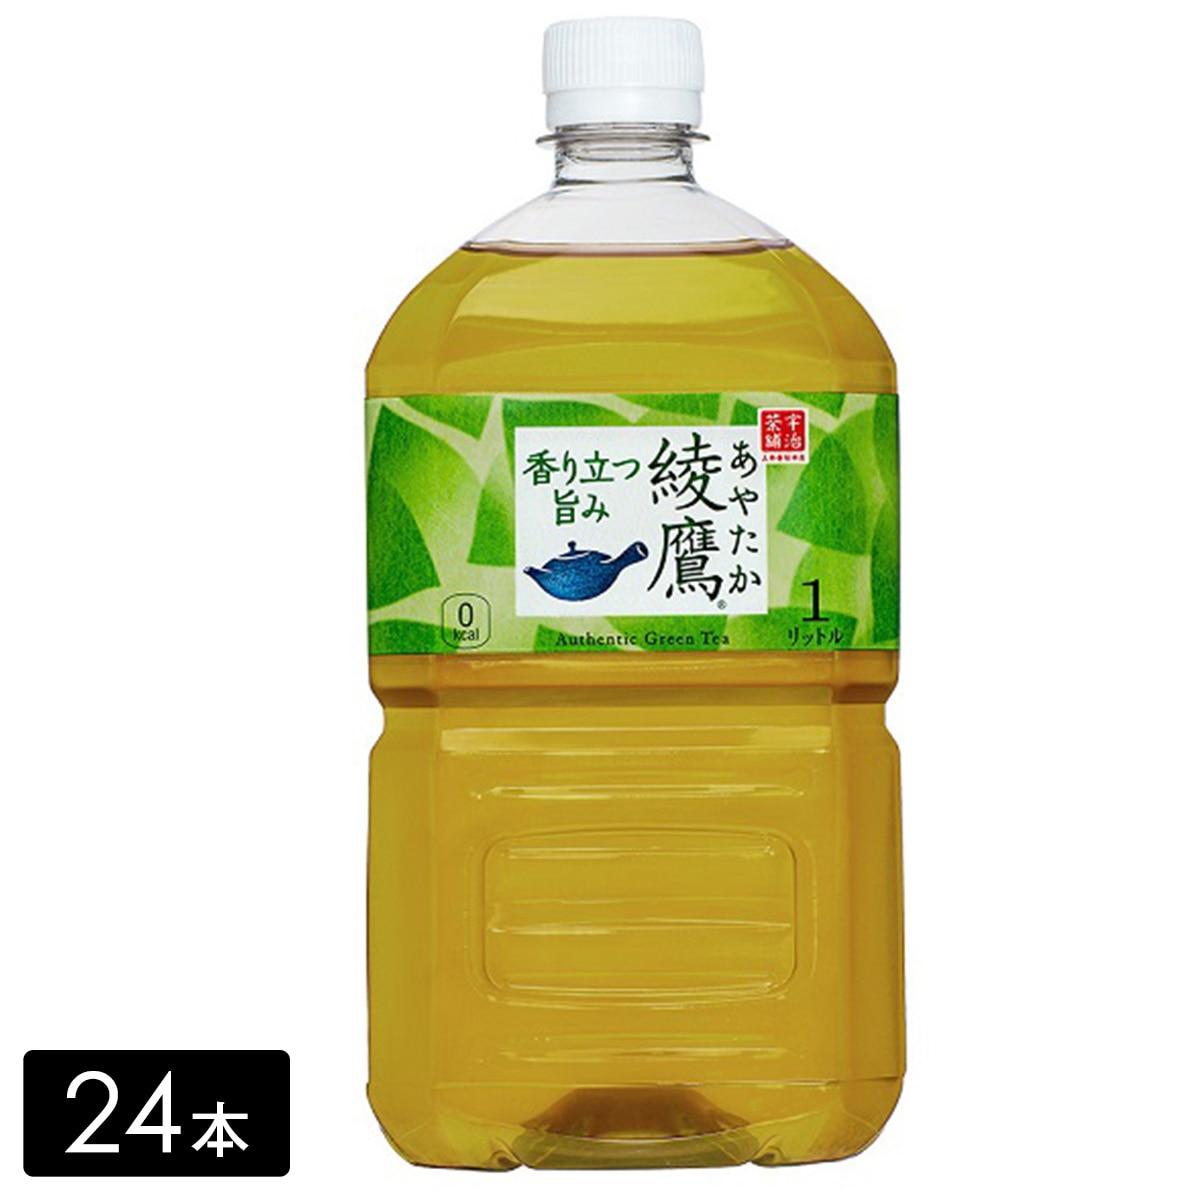 綾鷹 緑茶 1L×24本